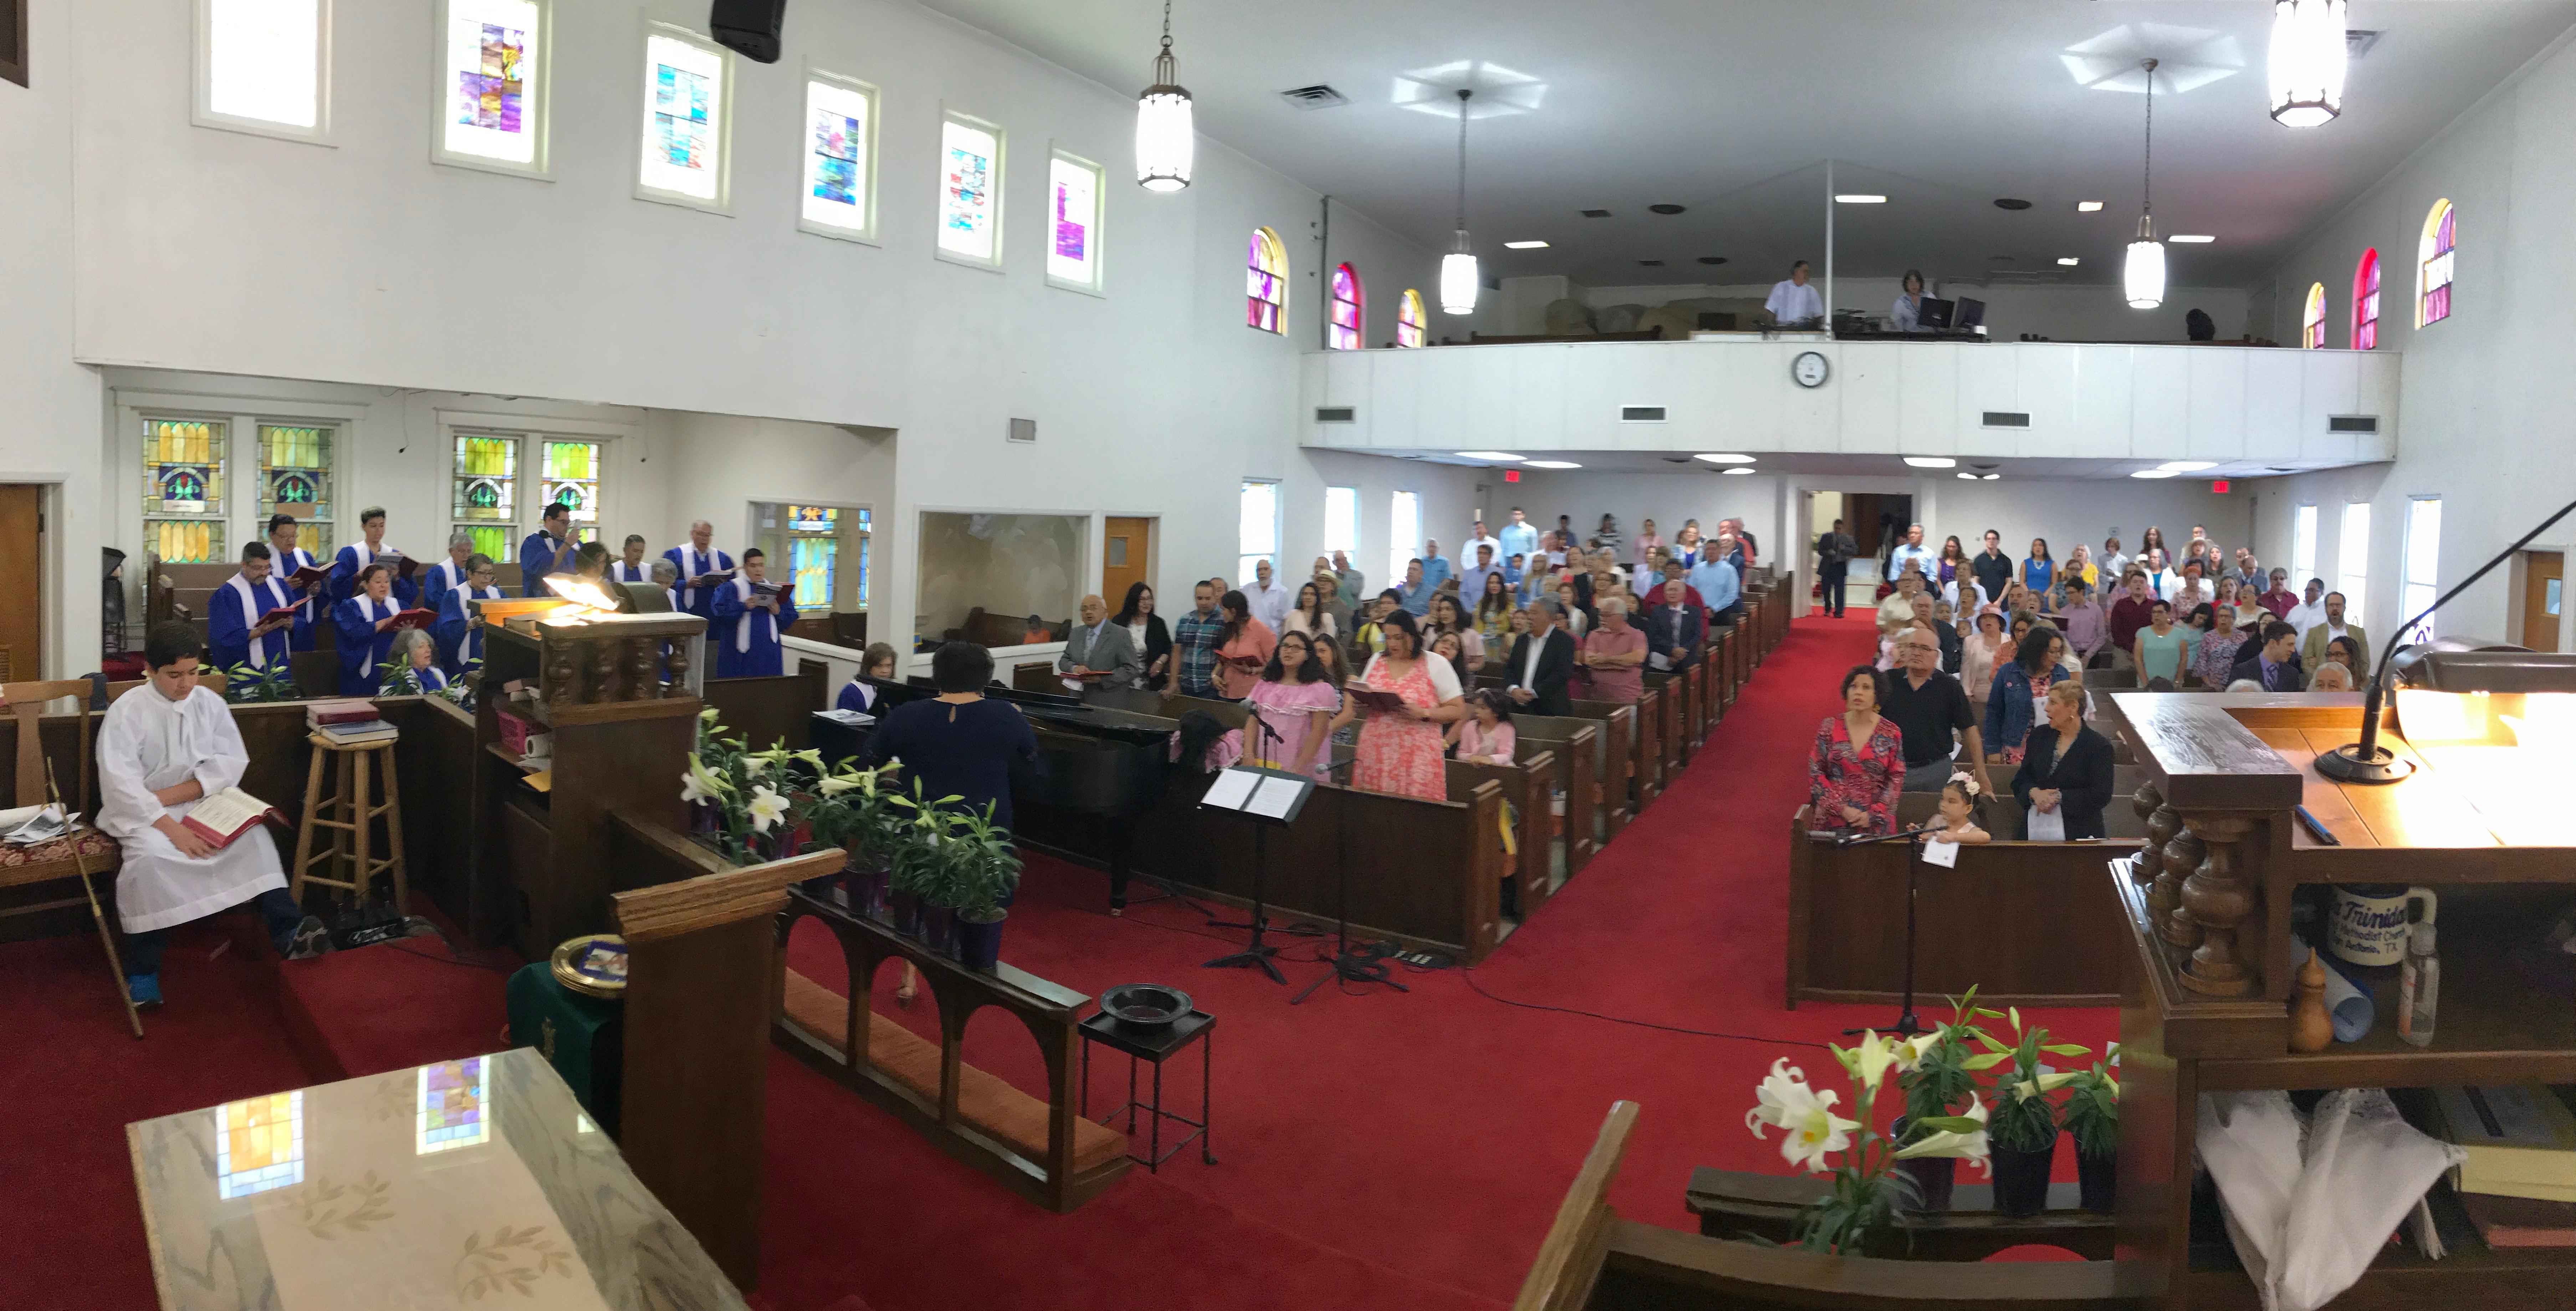 Sunday worship at La Trinidad United Methodist Church in San Antonio. April 2019. Courtesy of La Trinidad.